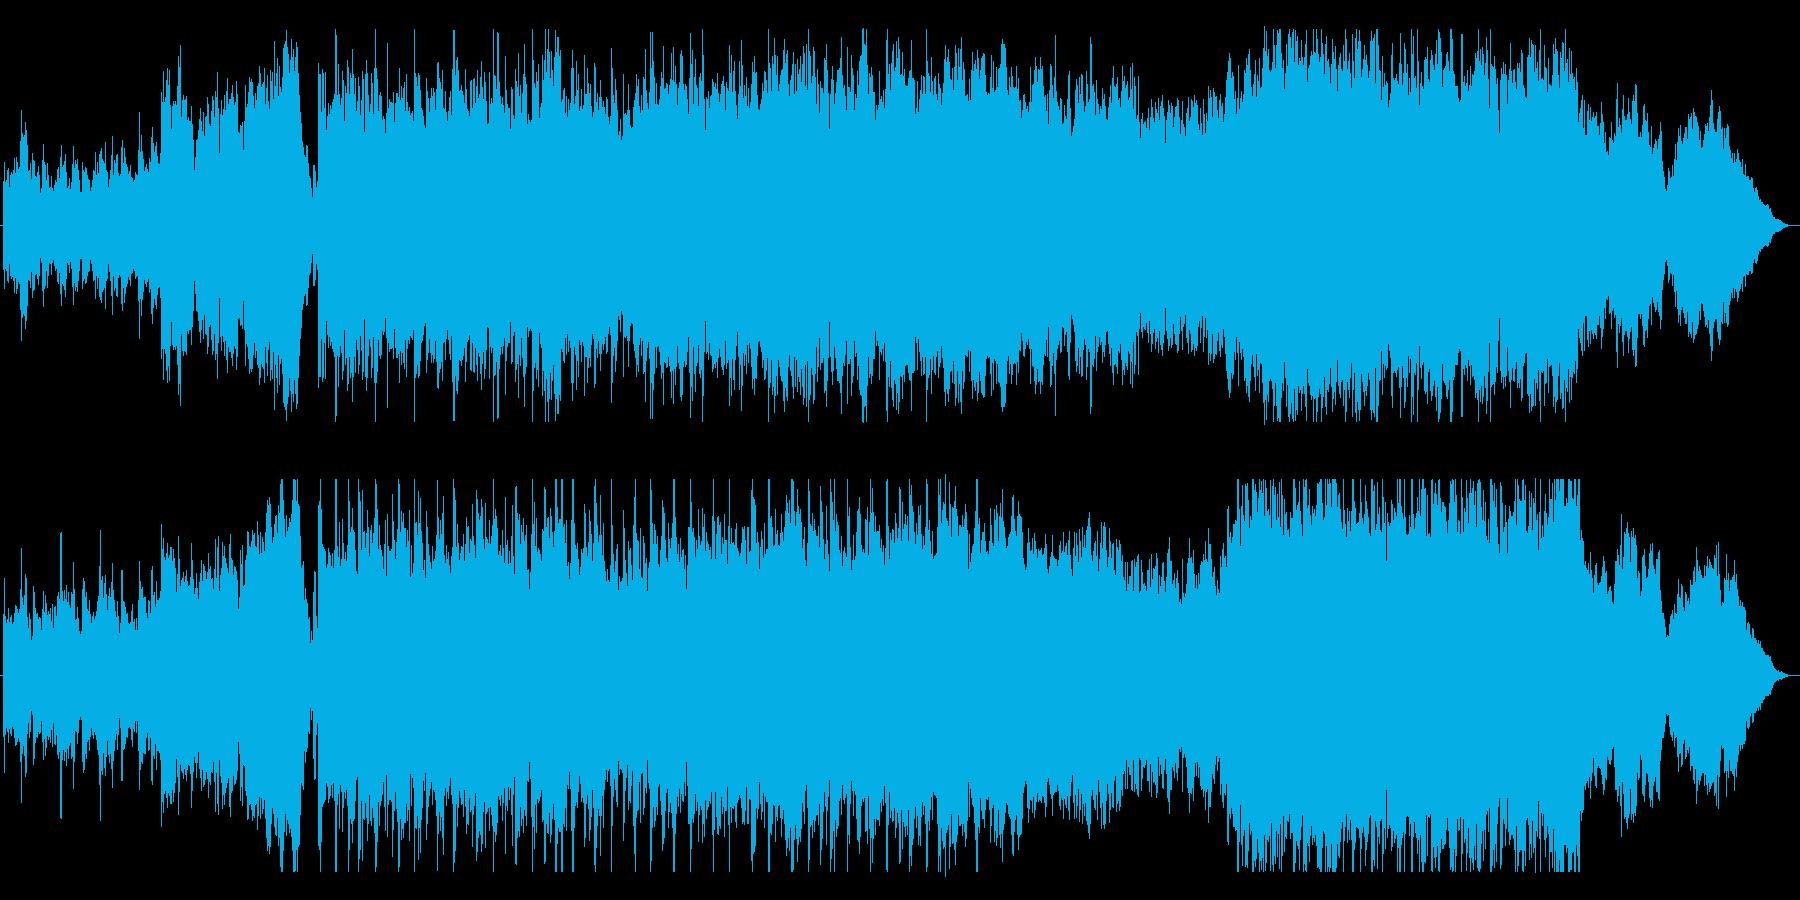 重厚で力強さを感じる映画・ゲーム音楽の再生済みの波形